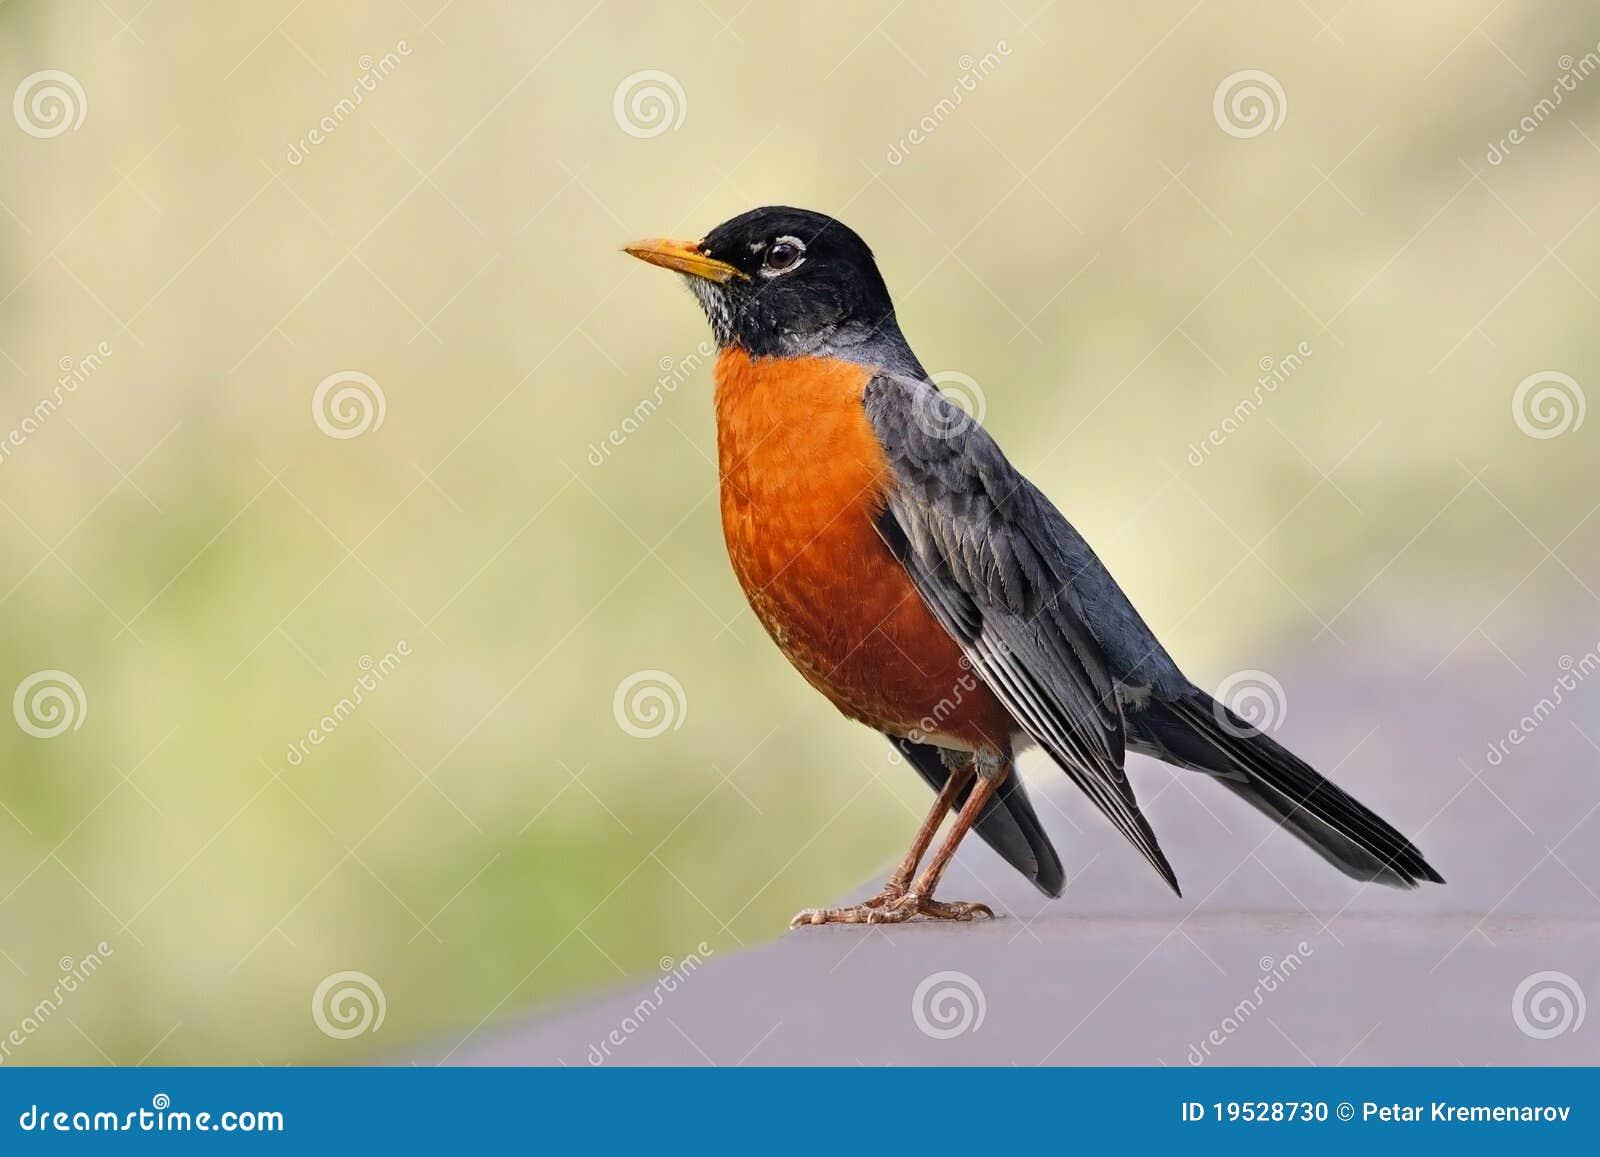 Robin americano